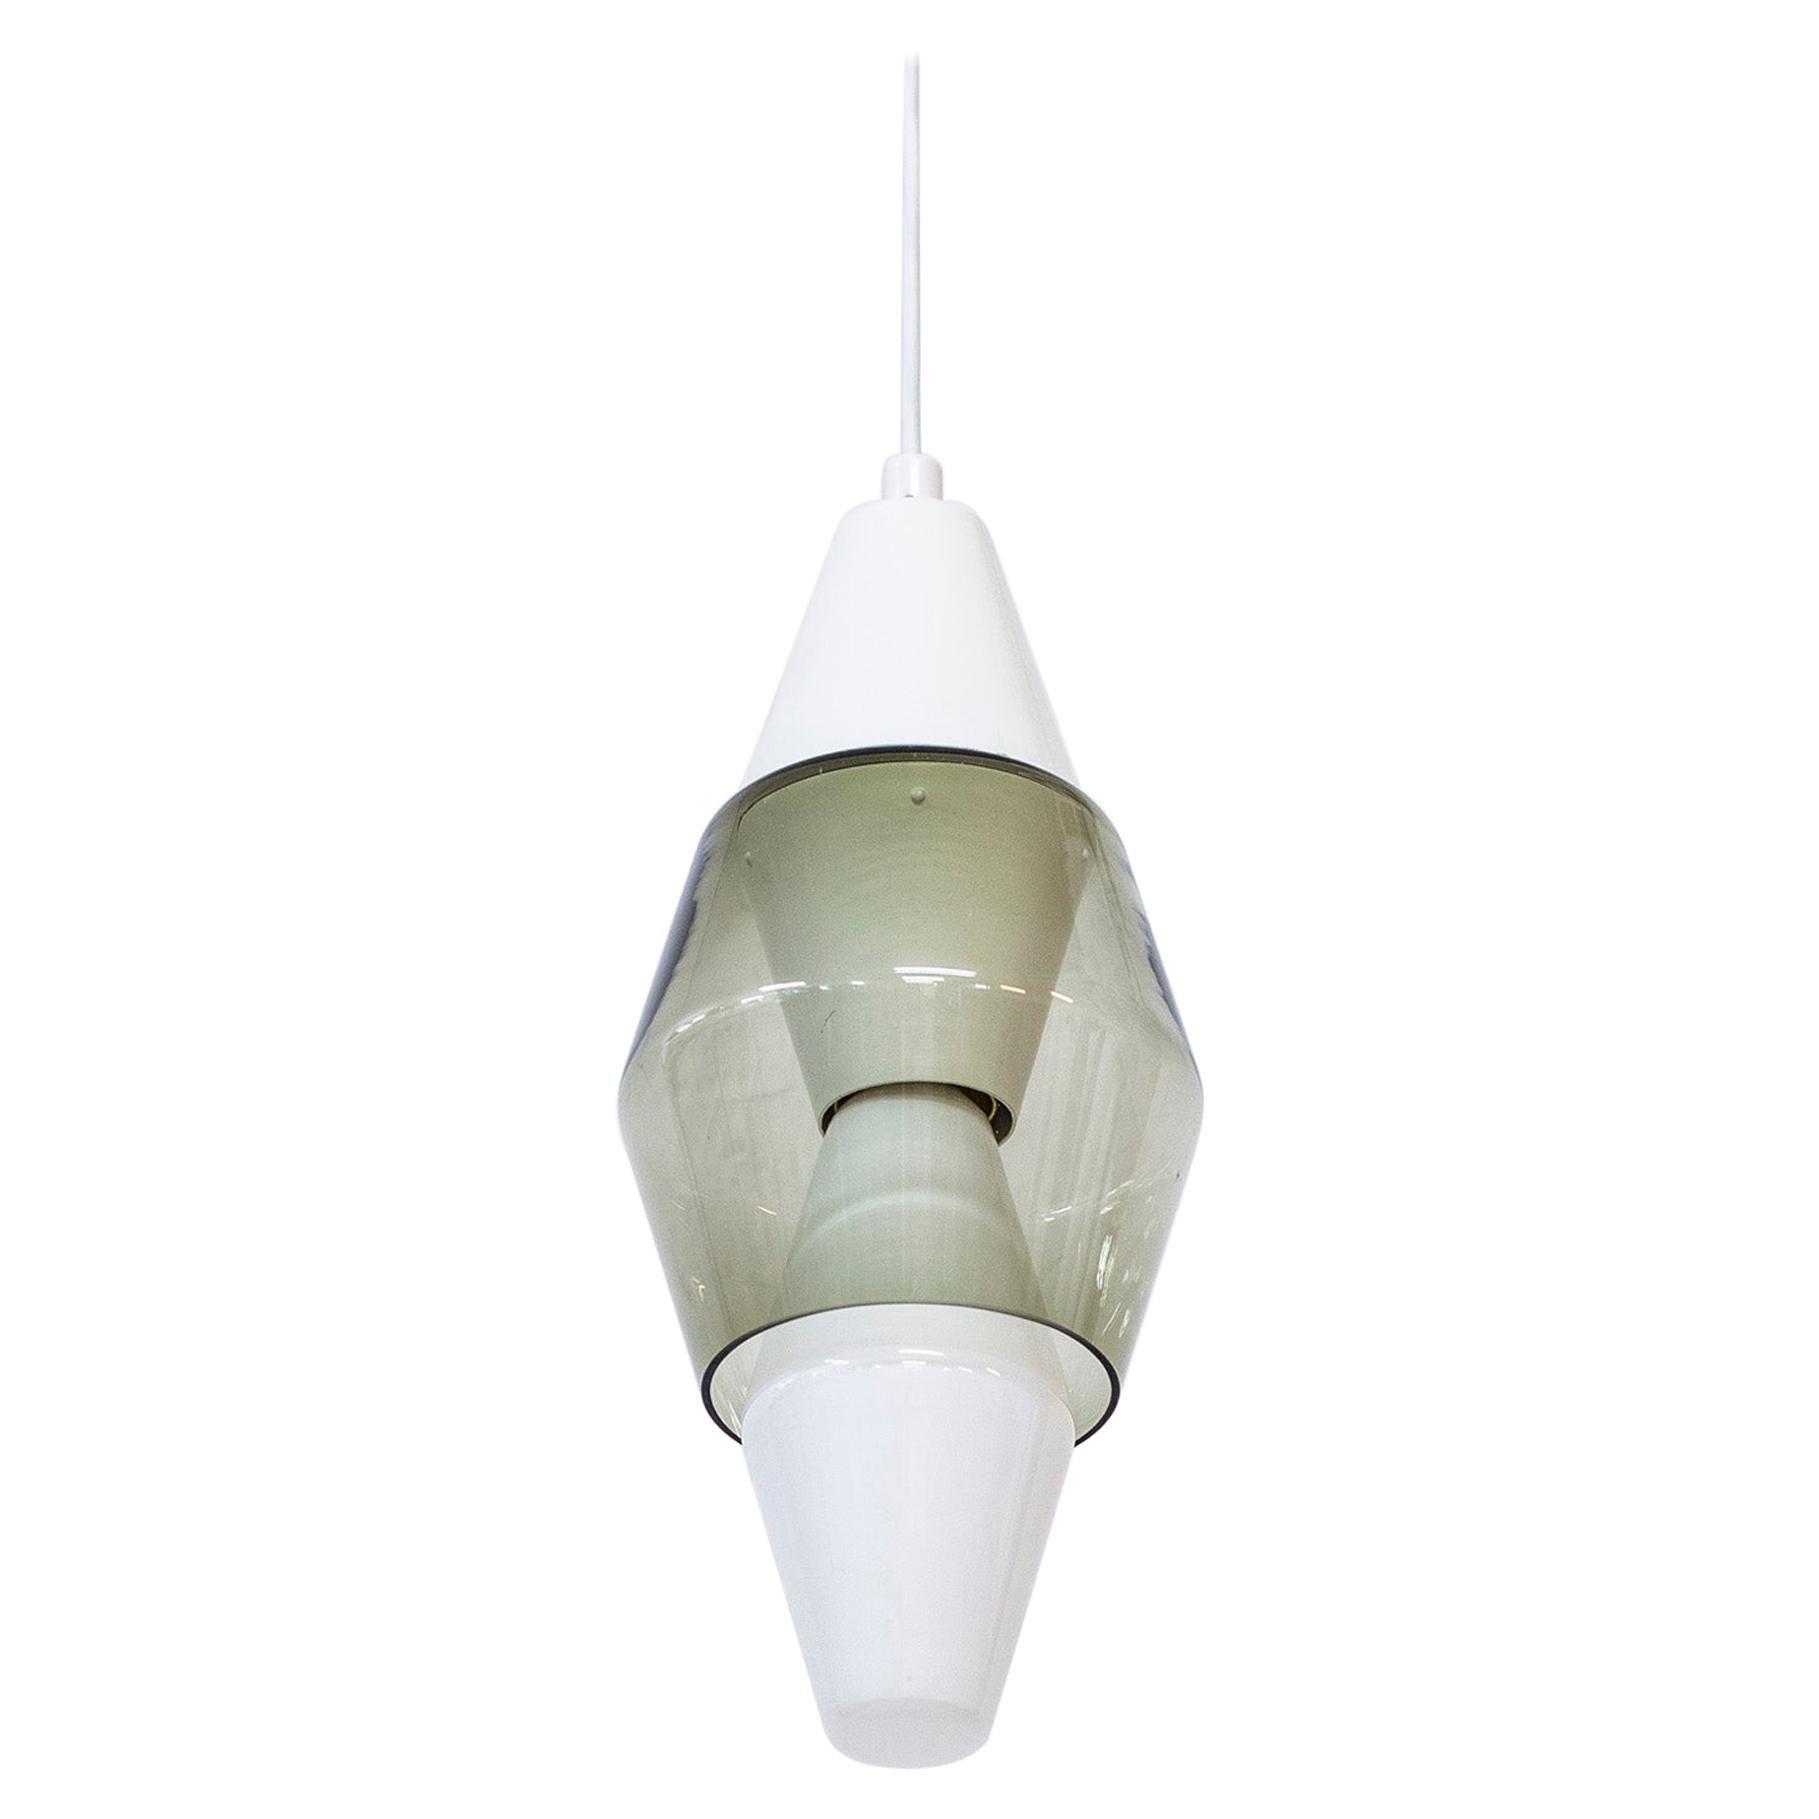 """Pendant Lamp """"K2-136"""" by Tapio Wirkkala, Idman, Iittala, Finland, 1960s"""